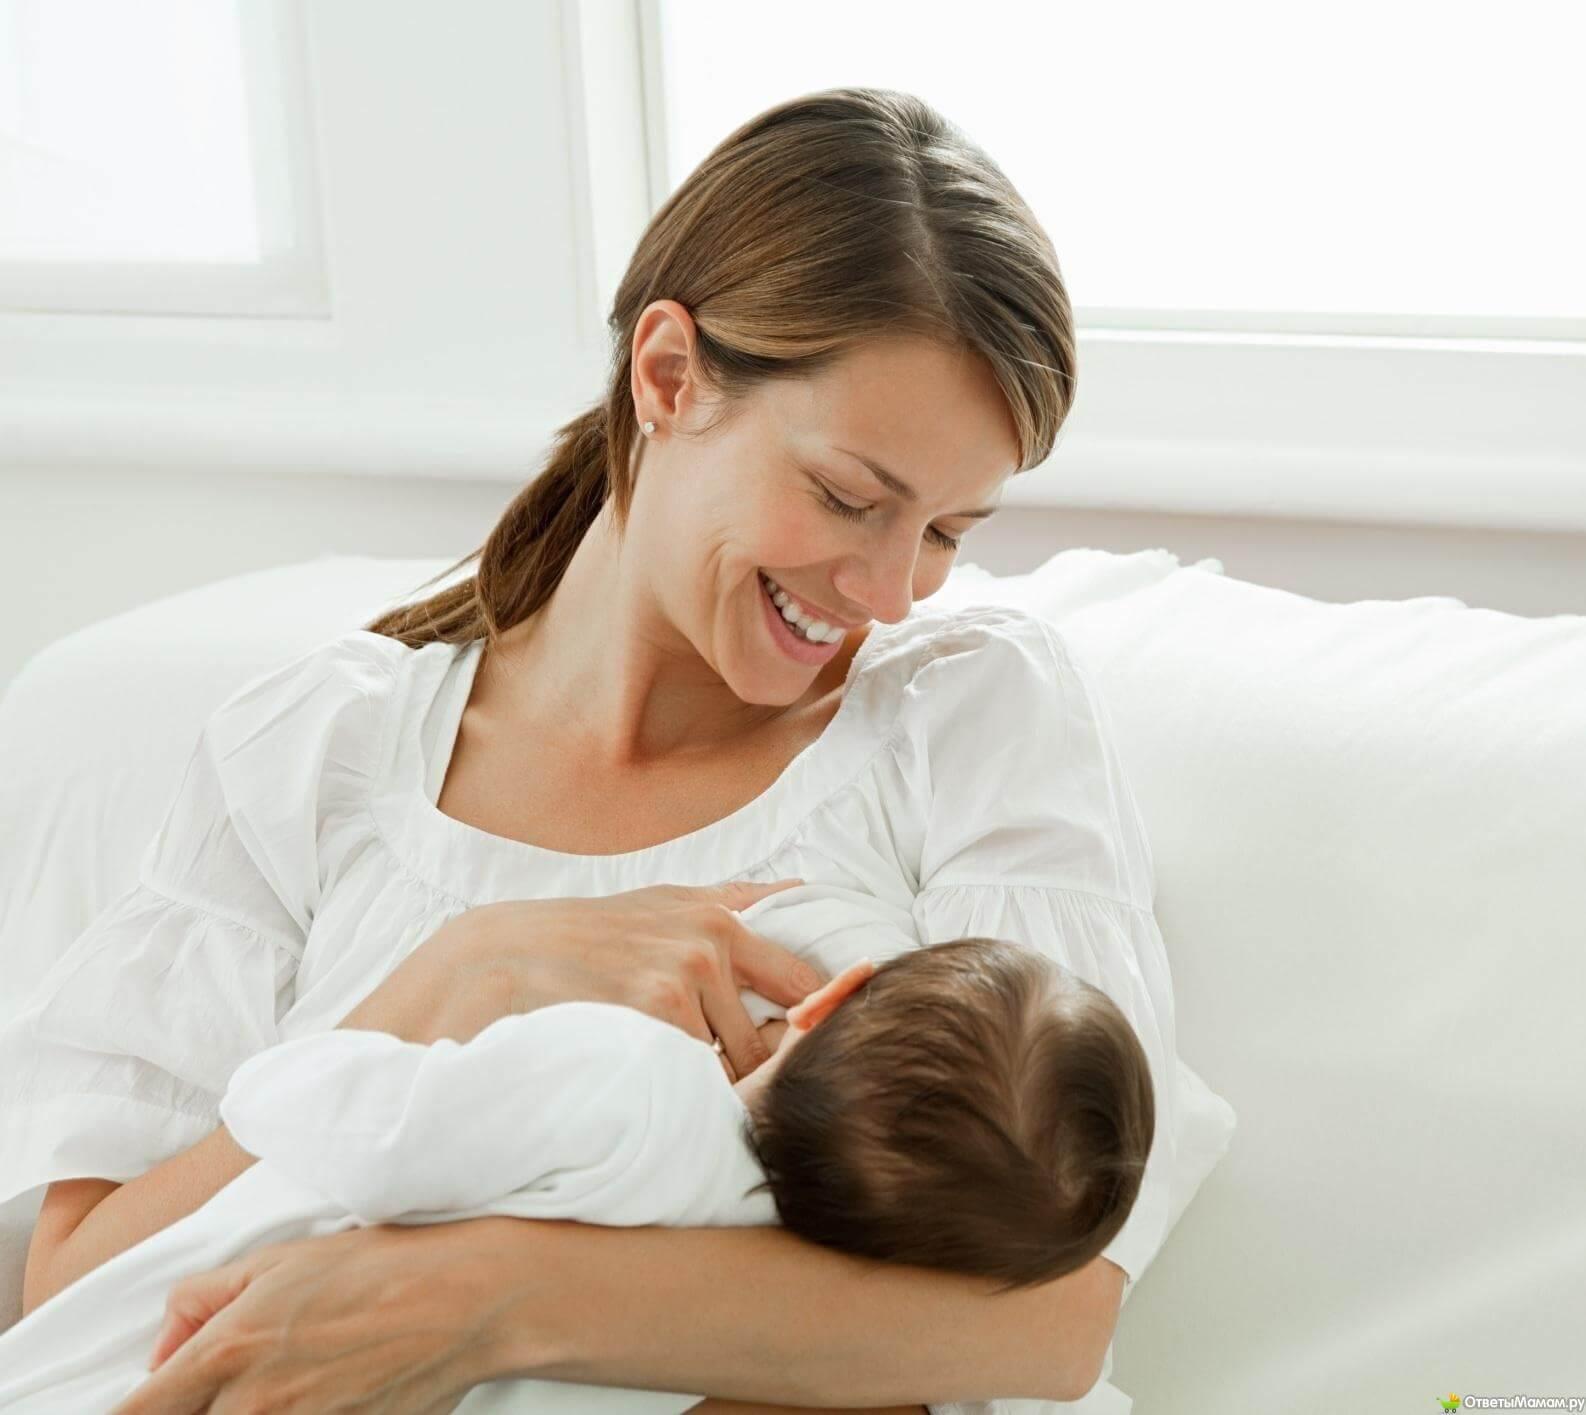 Ребенку мало грудного молока: как определить и что делать?